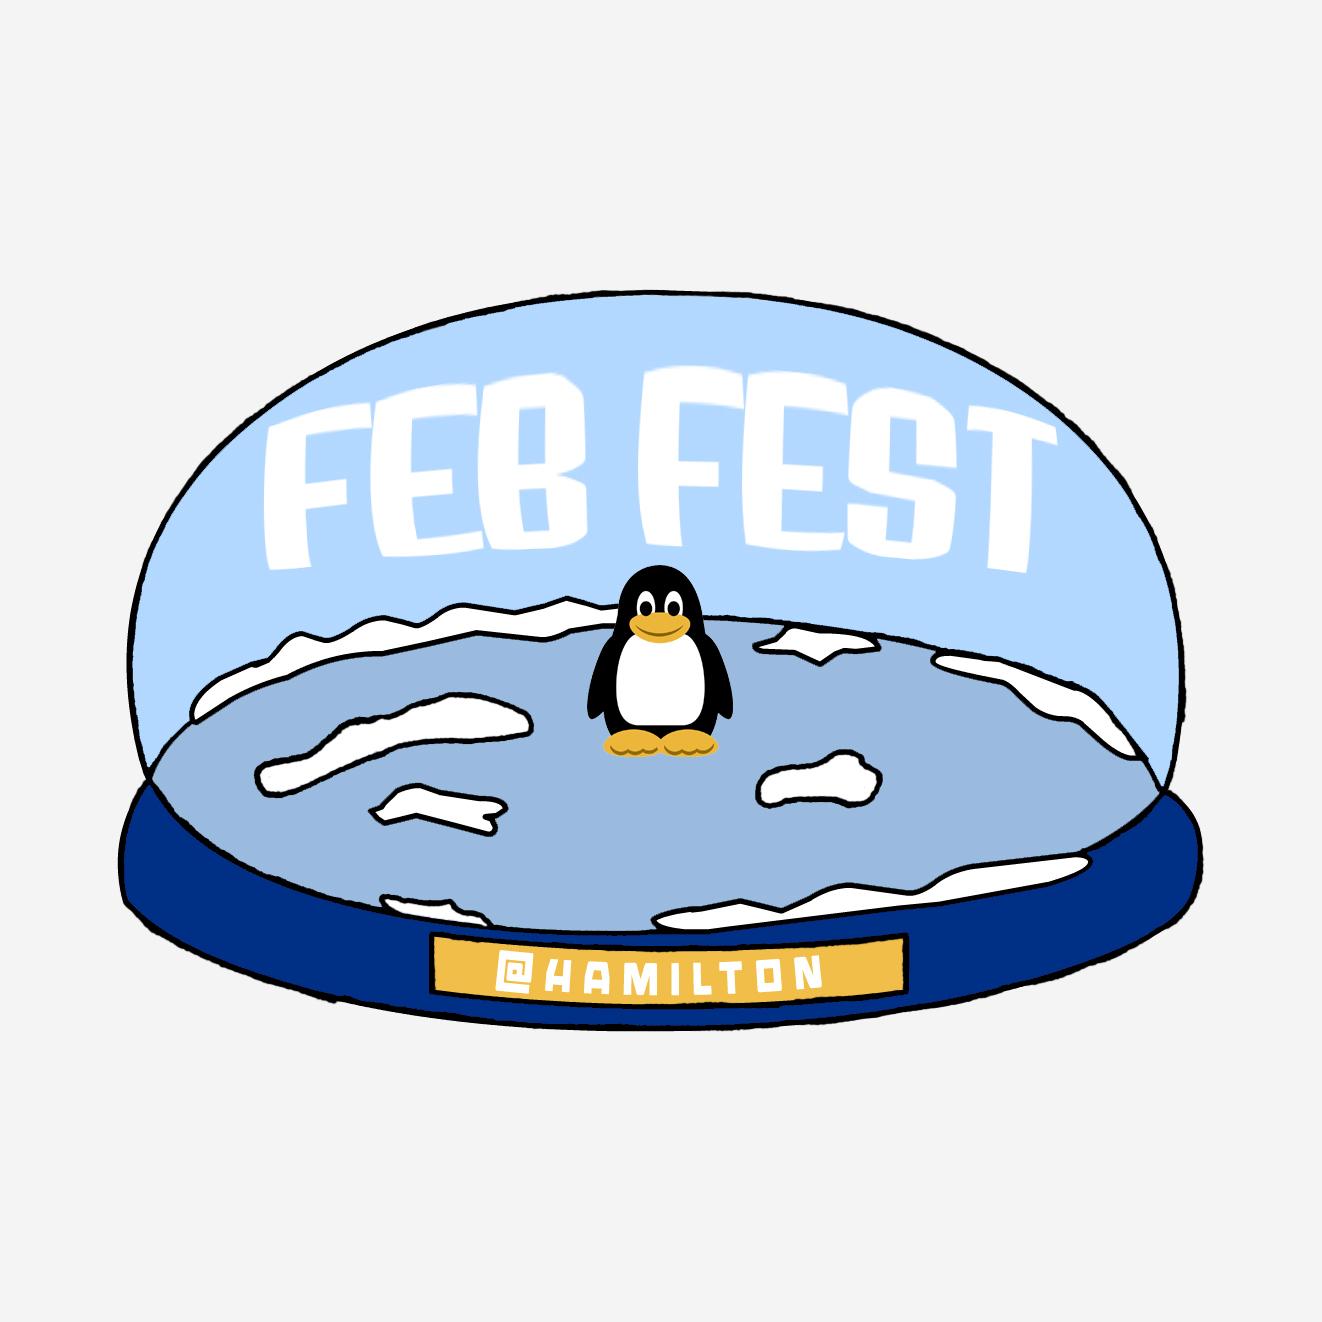 Febfest Hamilton College